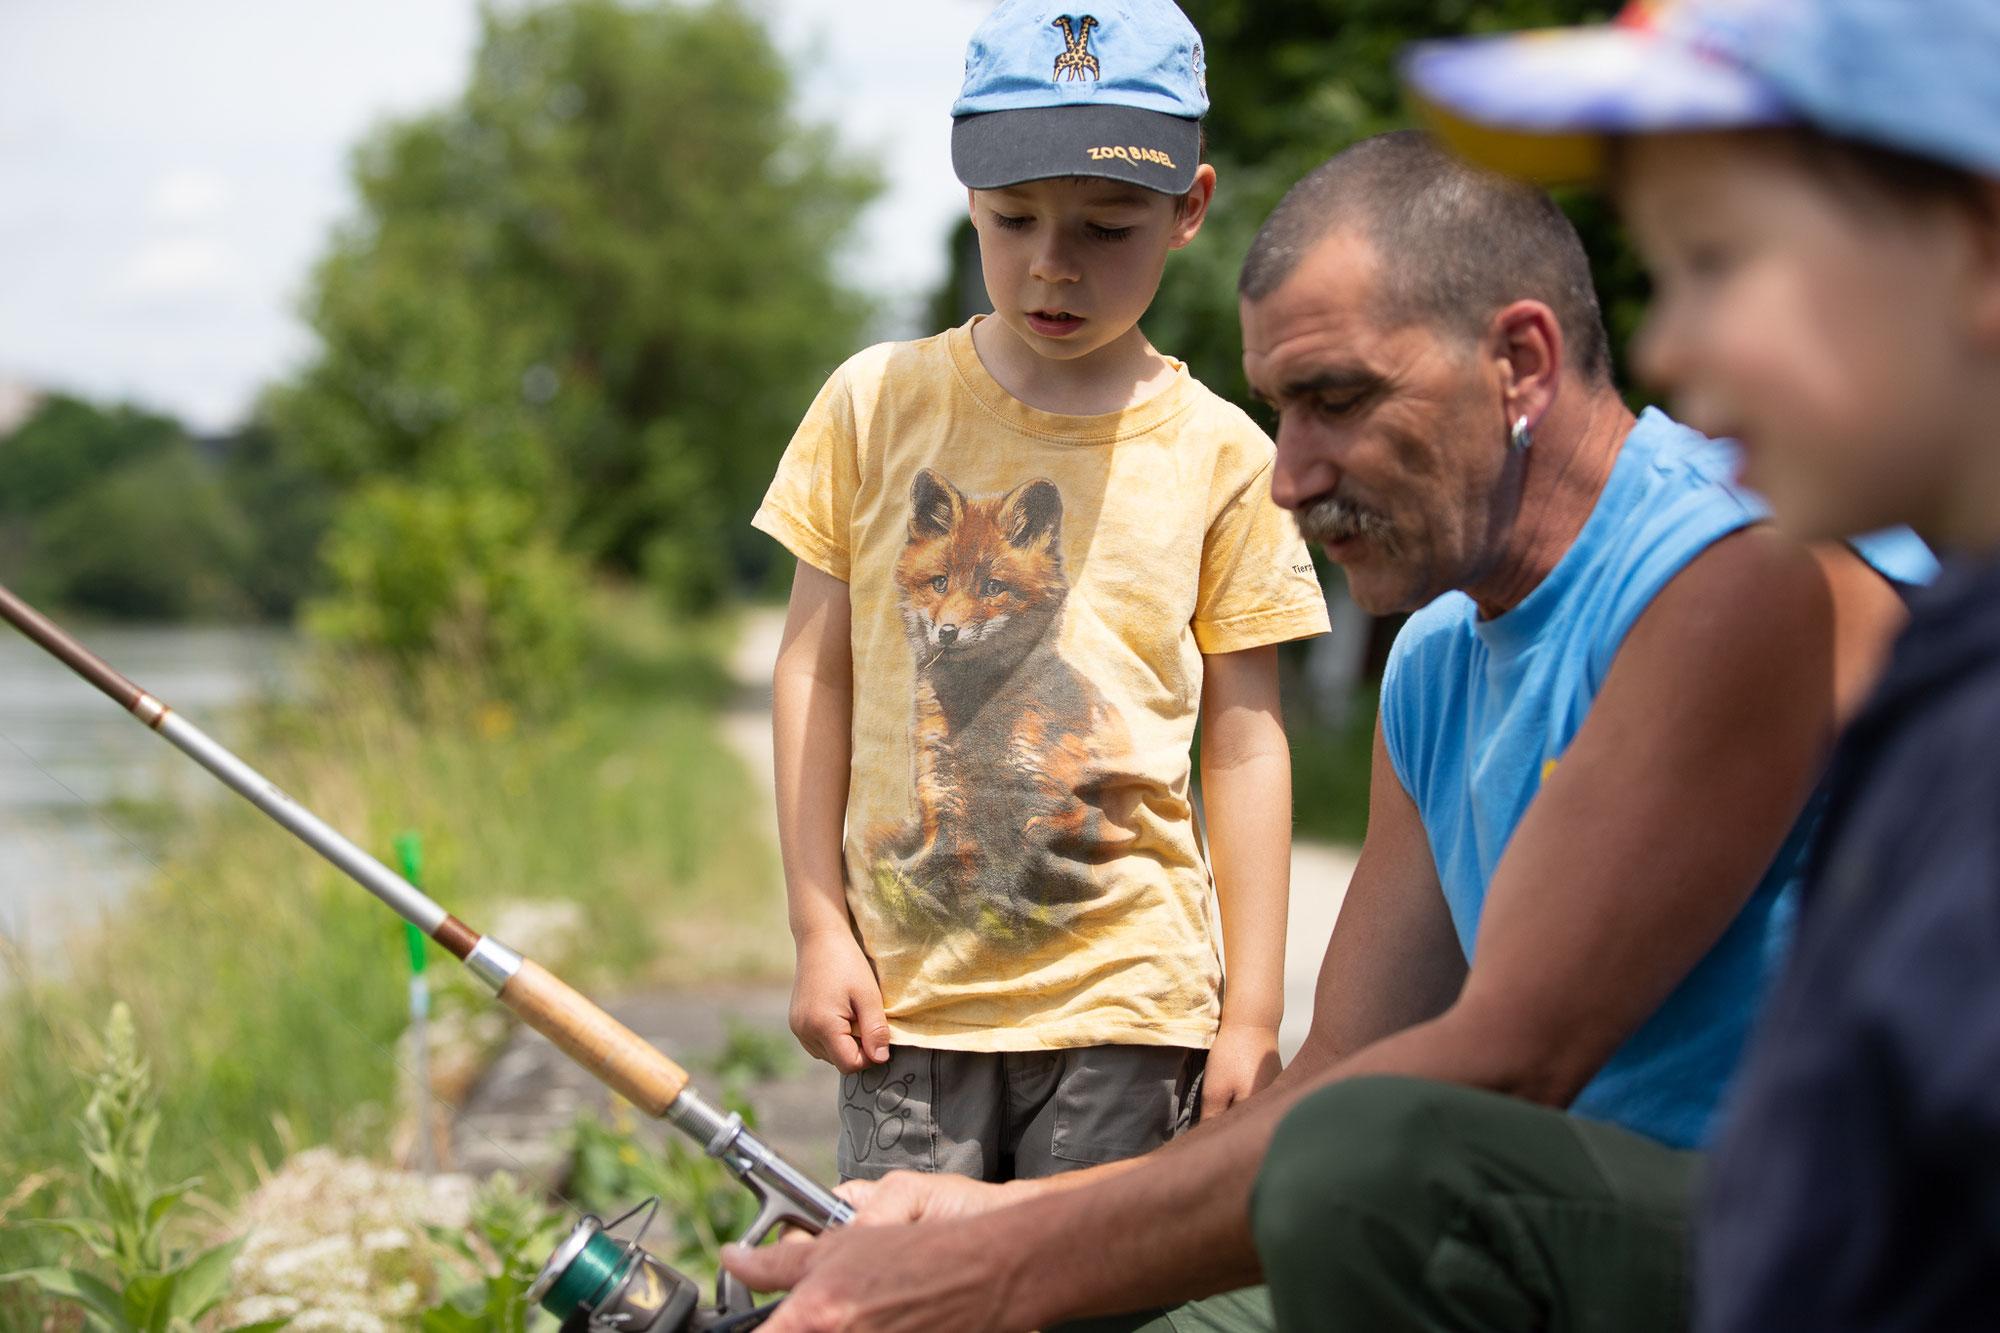 Jungfischer-Schnuppernachmittag, Samstag, 26. Juni 2021 beim Pontonierdepot Laufenburg